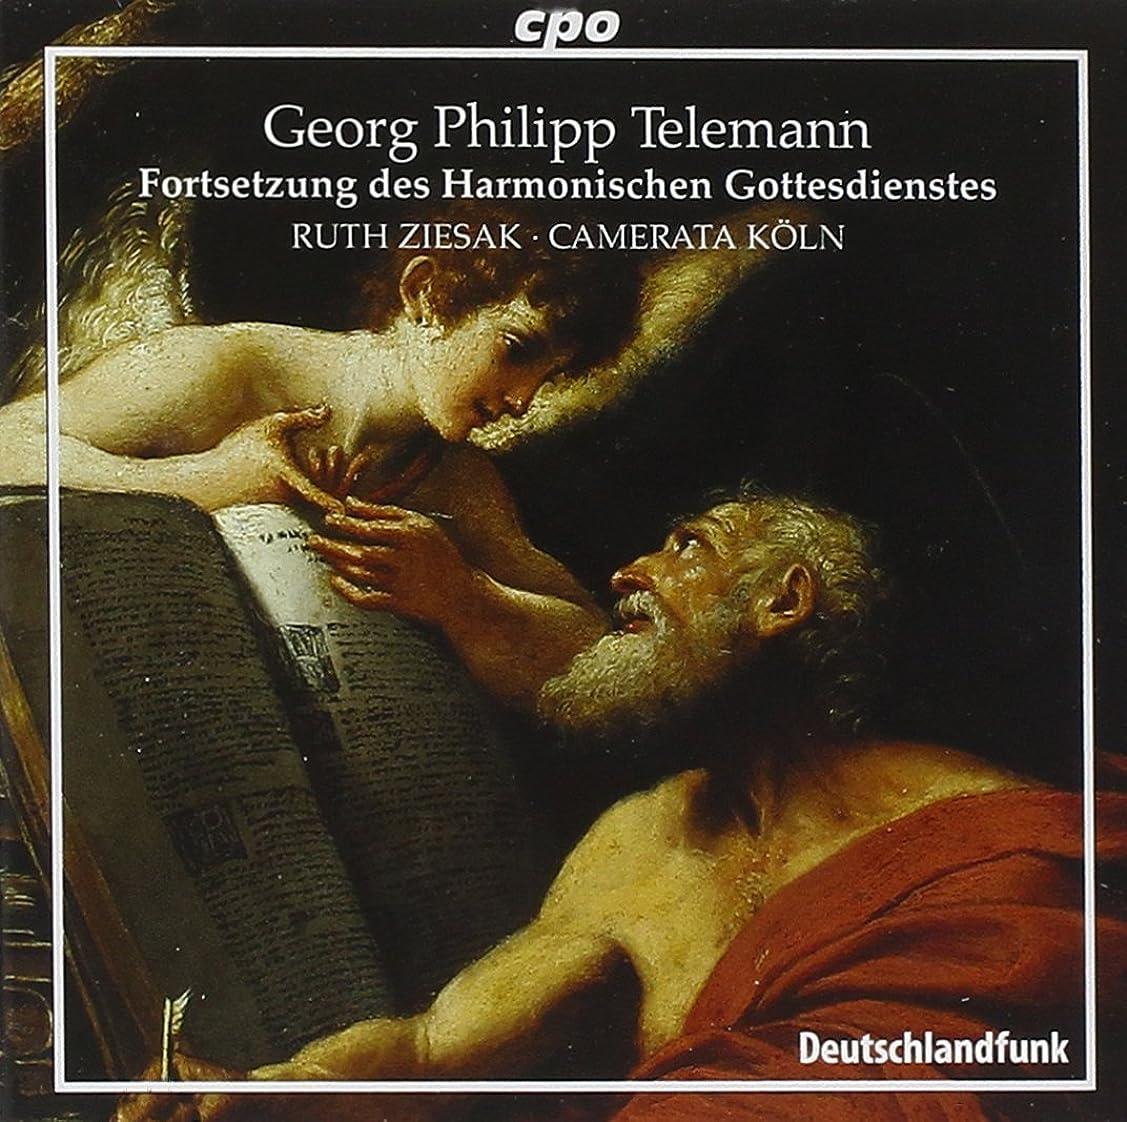 ミュージカル第四統合テレマン:音楽による礼拝、または一般用の教会カンタータ集 続編(1731)よりカンタータ集 (Telemann: Fortsetzung des Harmonischen Gottesdienstes)